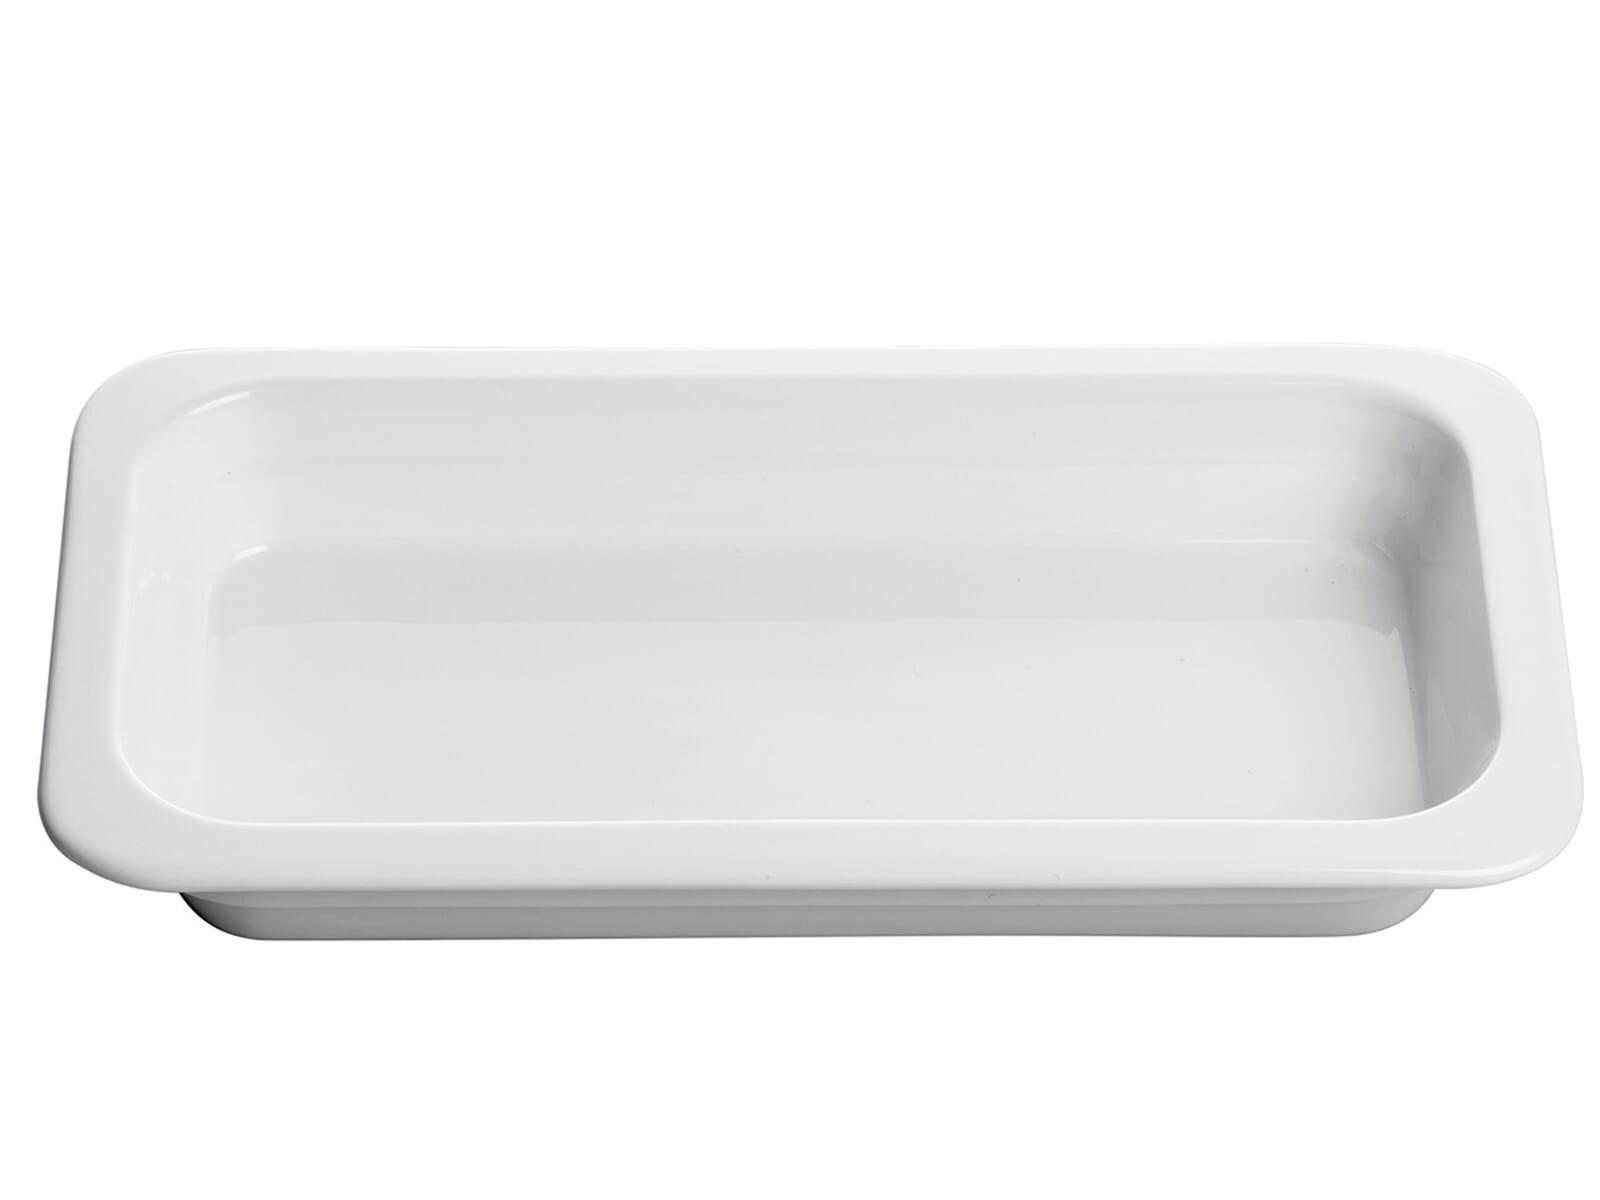 Siemens HZ36D513P Porzellan-Behälter